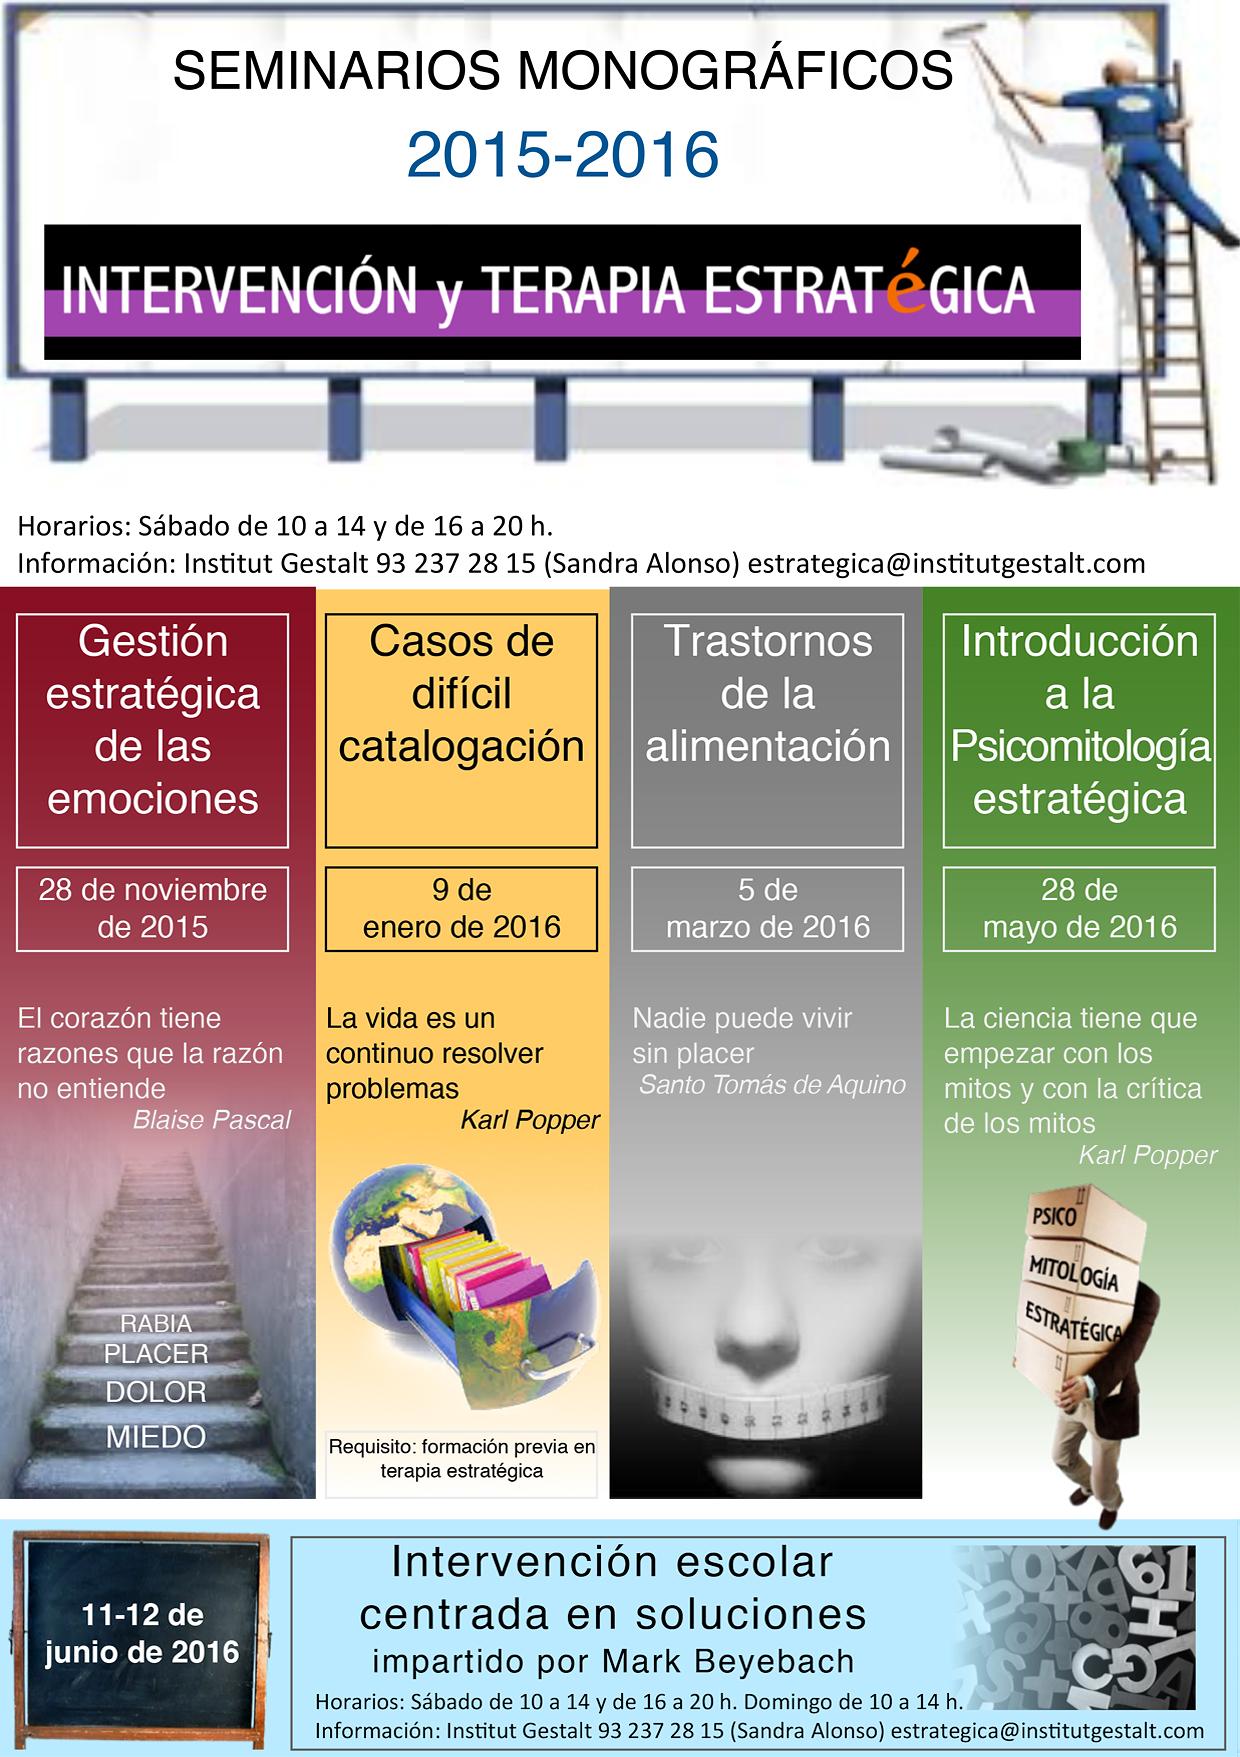 Seminarios monográficos 2015-2016